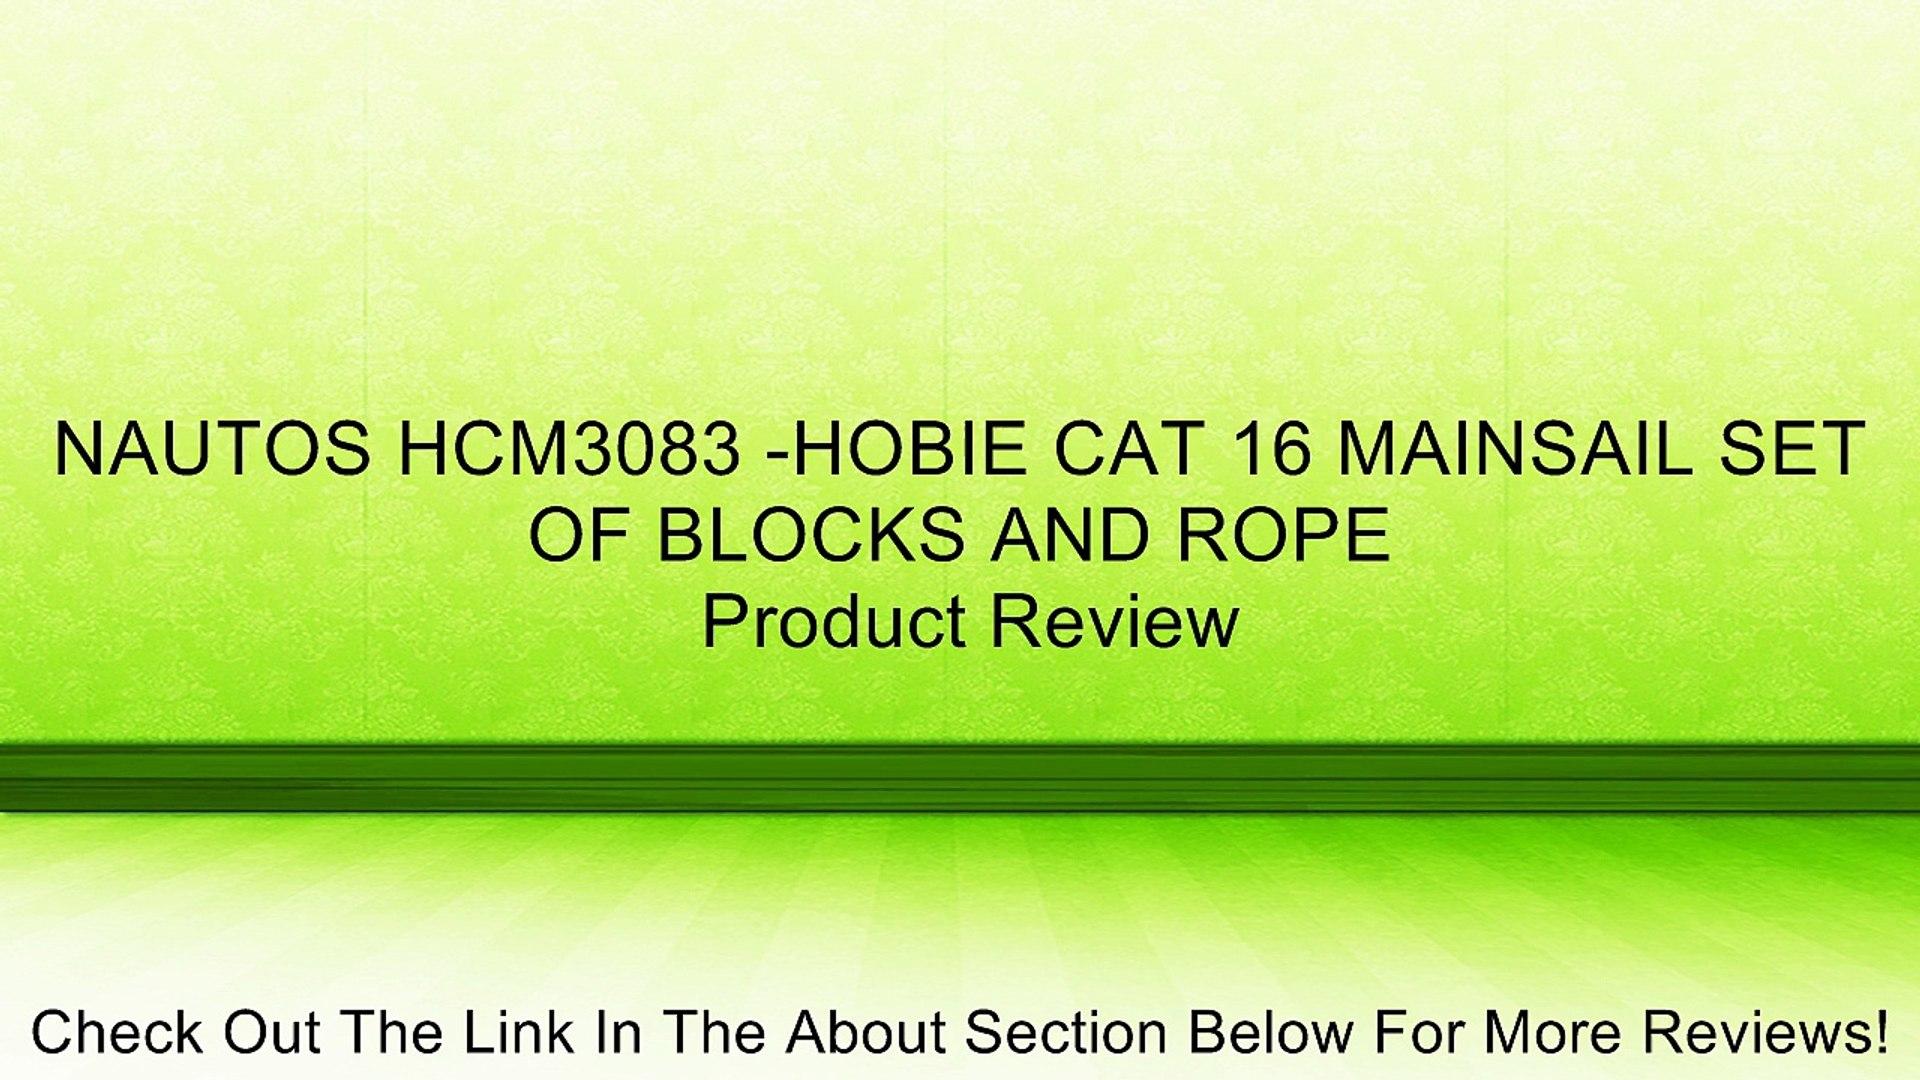 NAUTOS HCM3083 HOBIE CAT 16 MAINSAIL SET OF BLOCKS AND ROPE